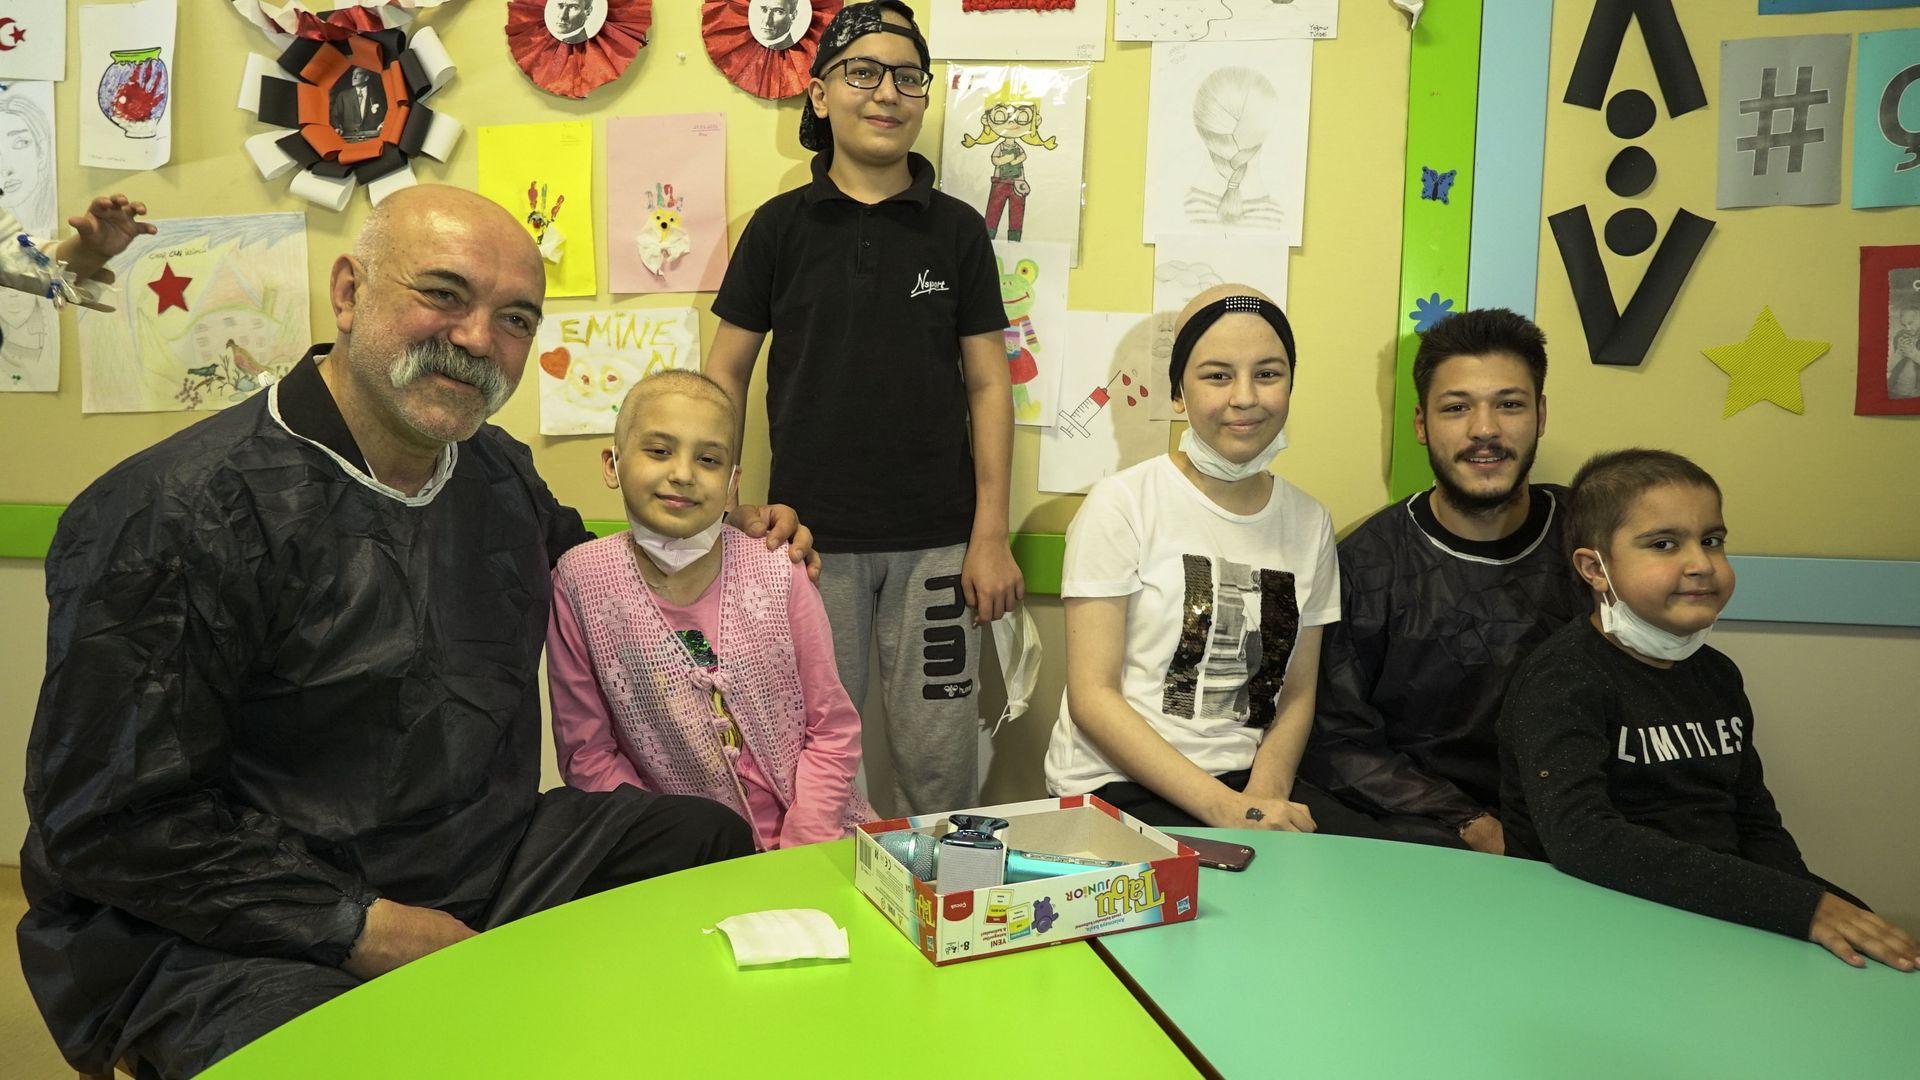 Çukur'un oyuncuları kanser tedavisi gören çocuklarla bir araya geldiler!